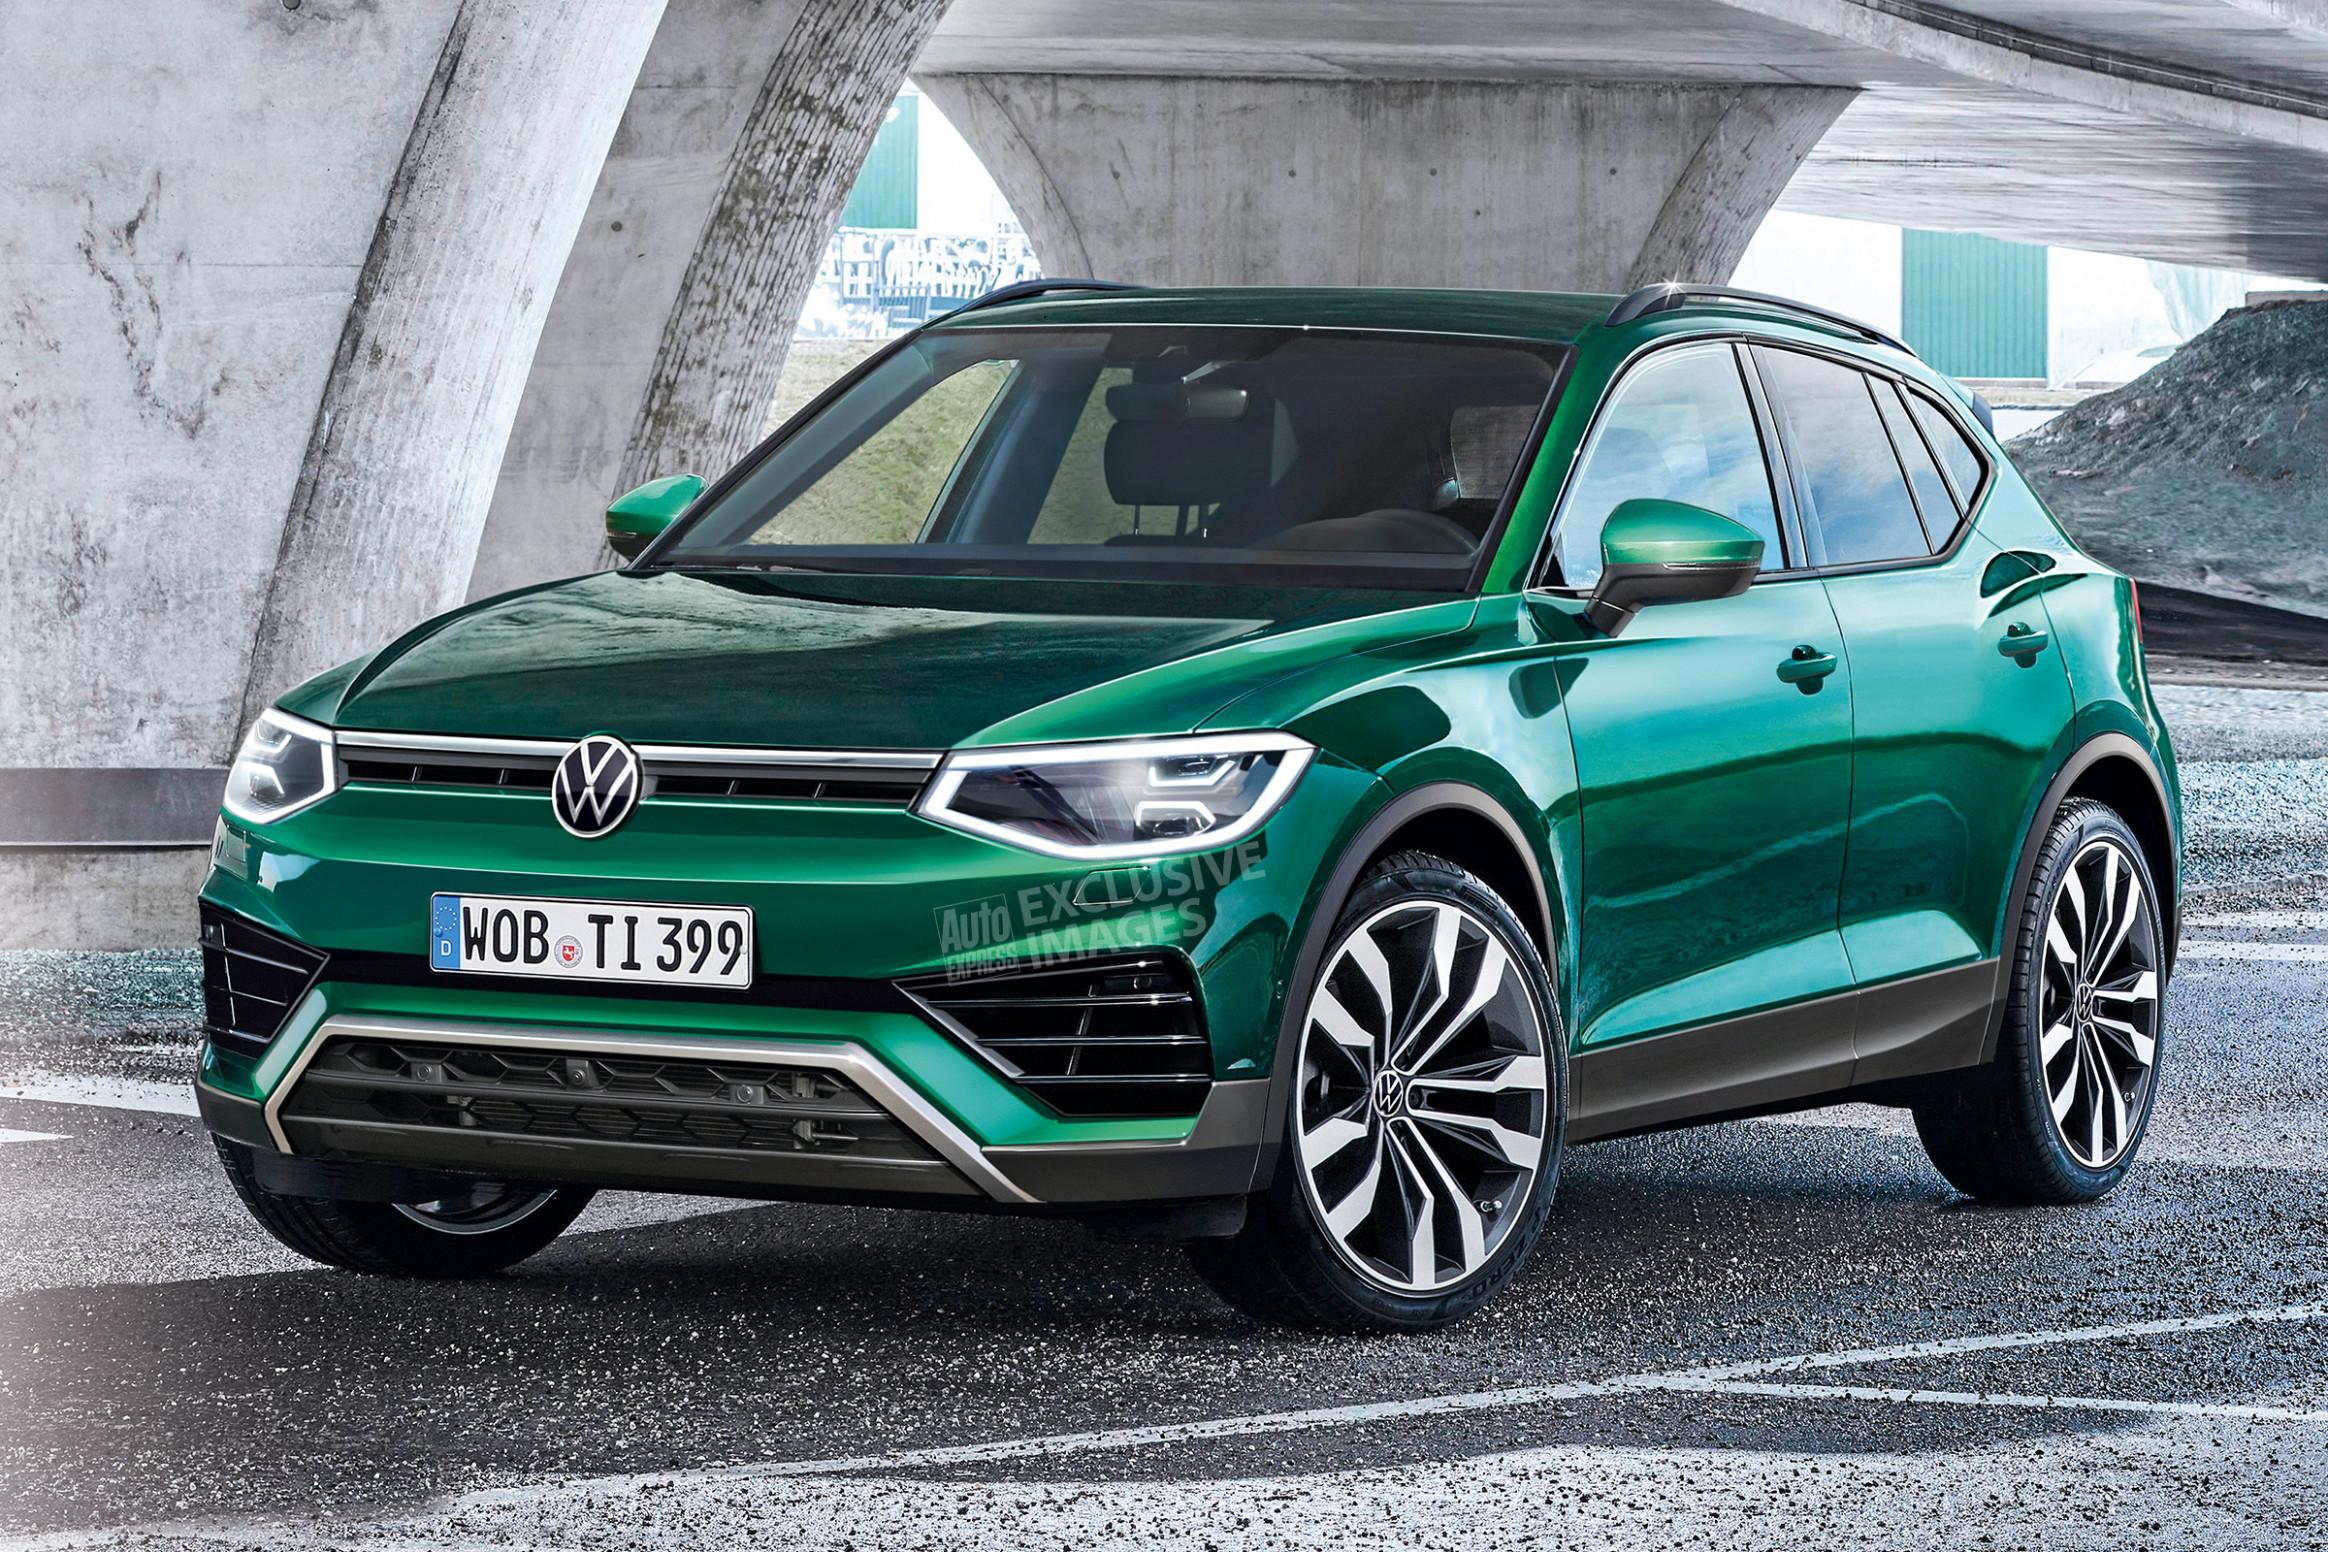 Specs Volkswagen New Suv 2022